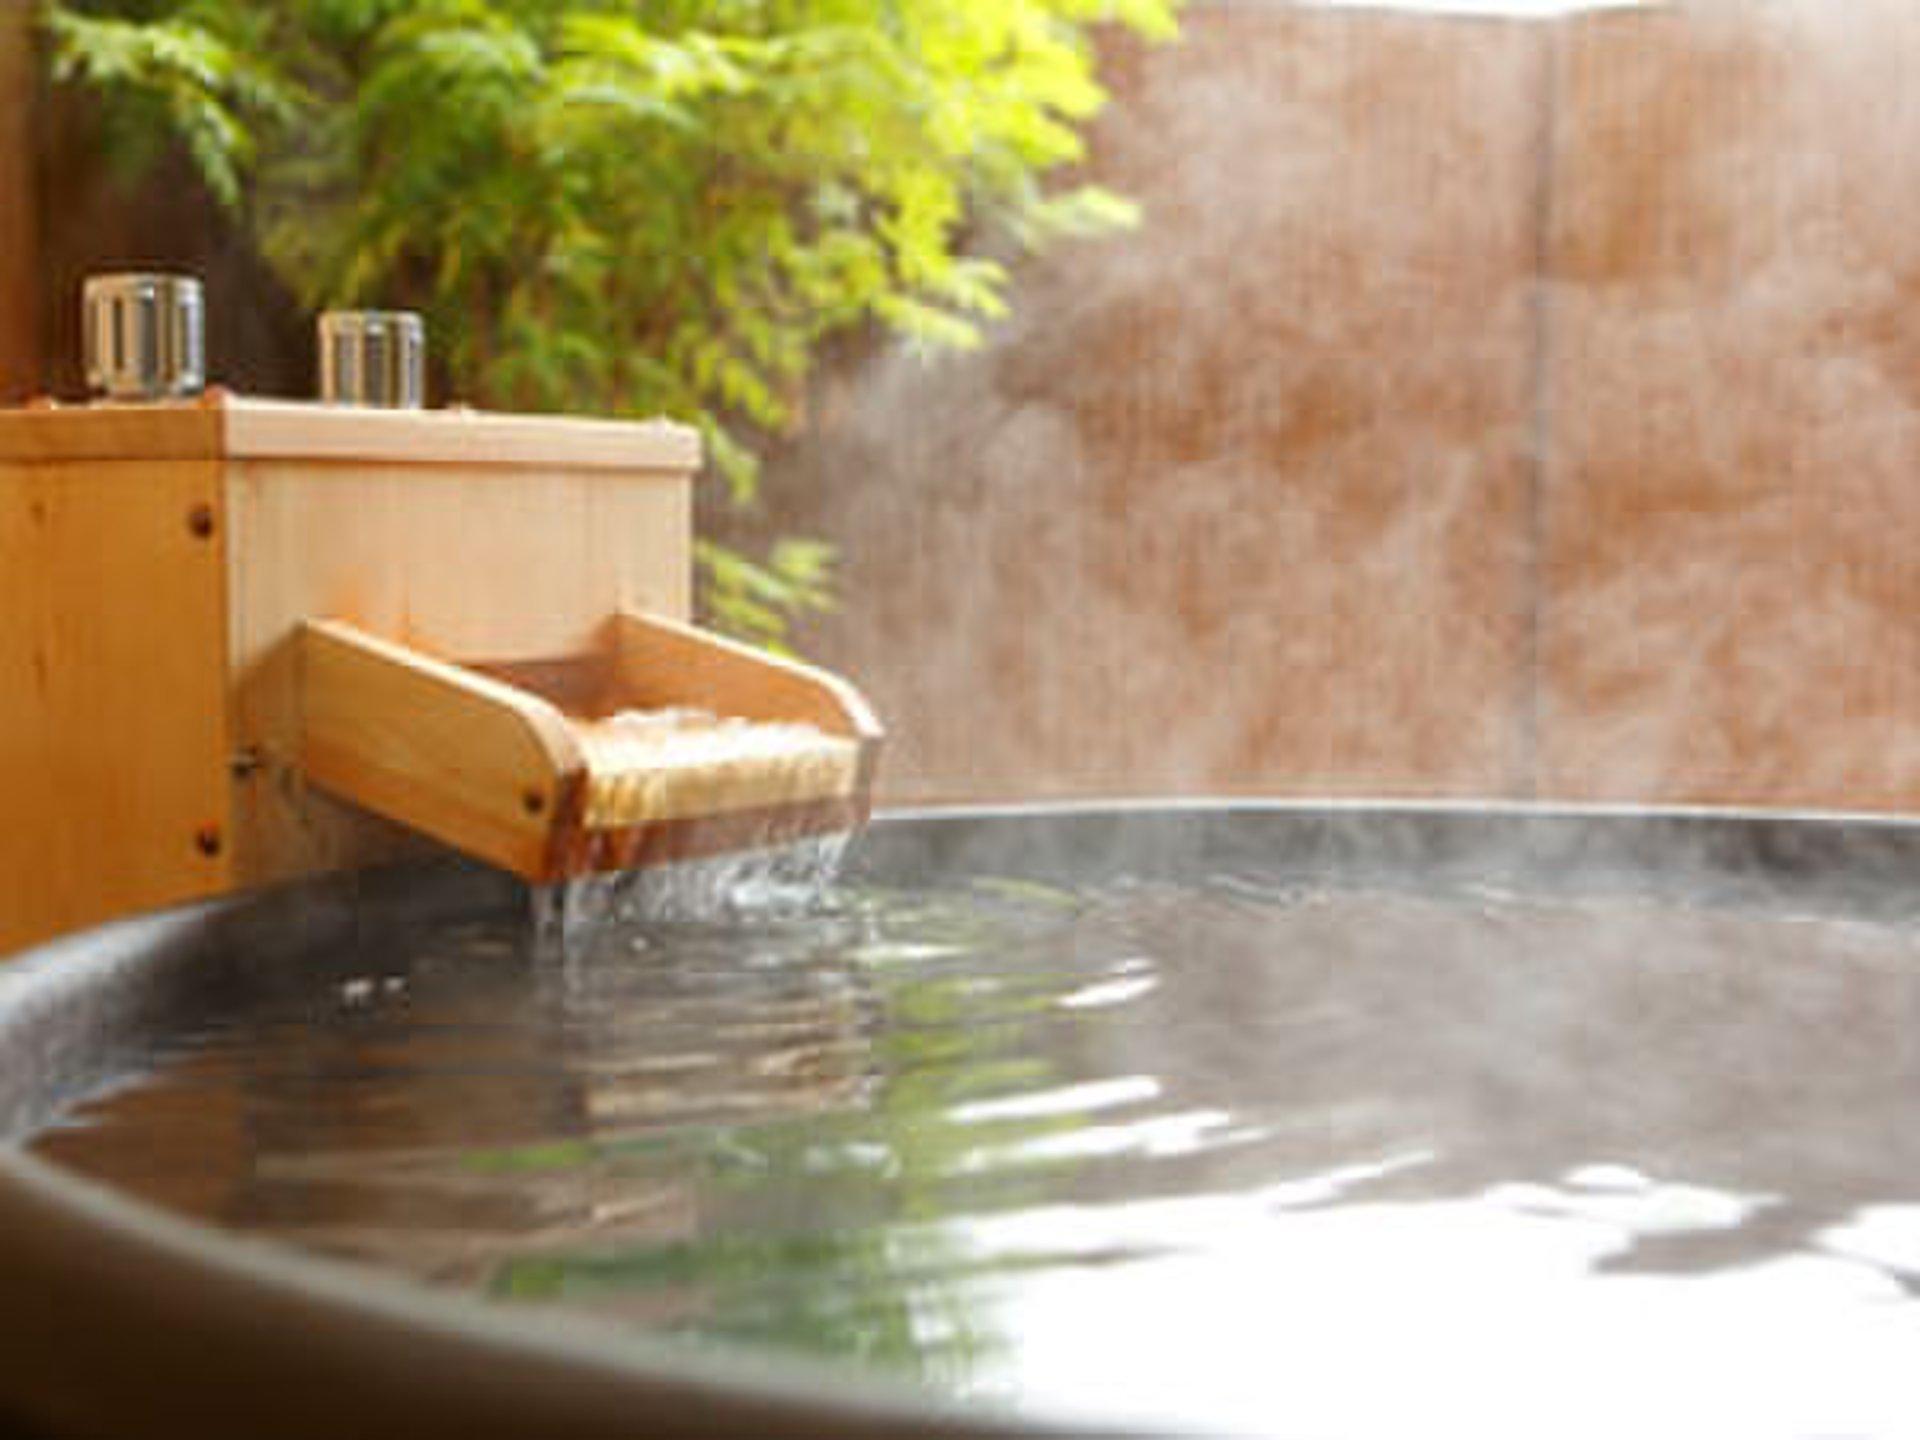 【夏こそまったり温泉旅行!】おすすめ宿7選付き!!都内から手頃に行ける人気温泉旅行デート特集♡